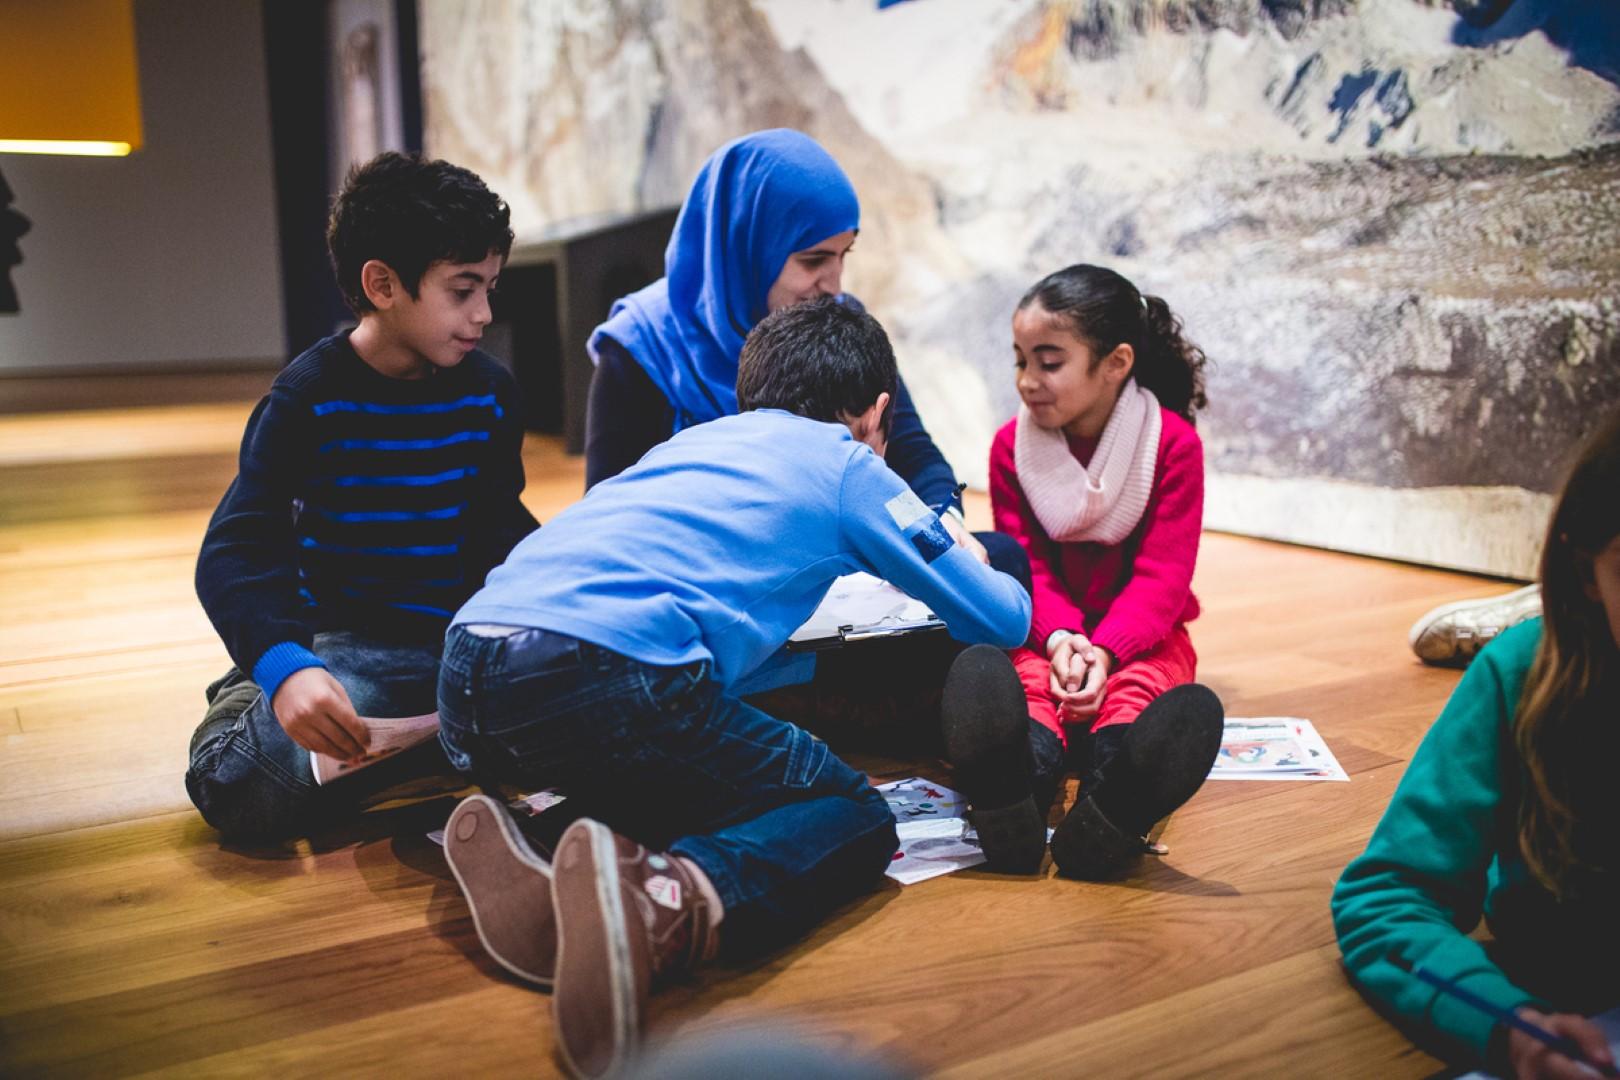 vrouw en 3 kinderen zitten op de grond